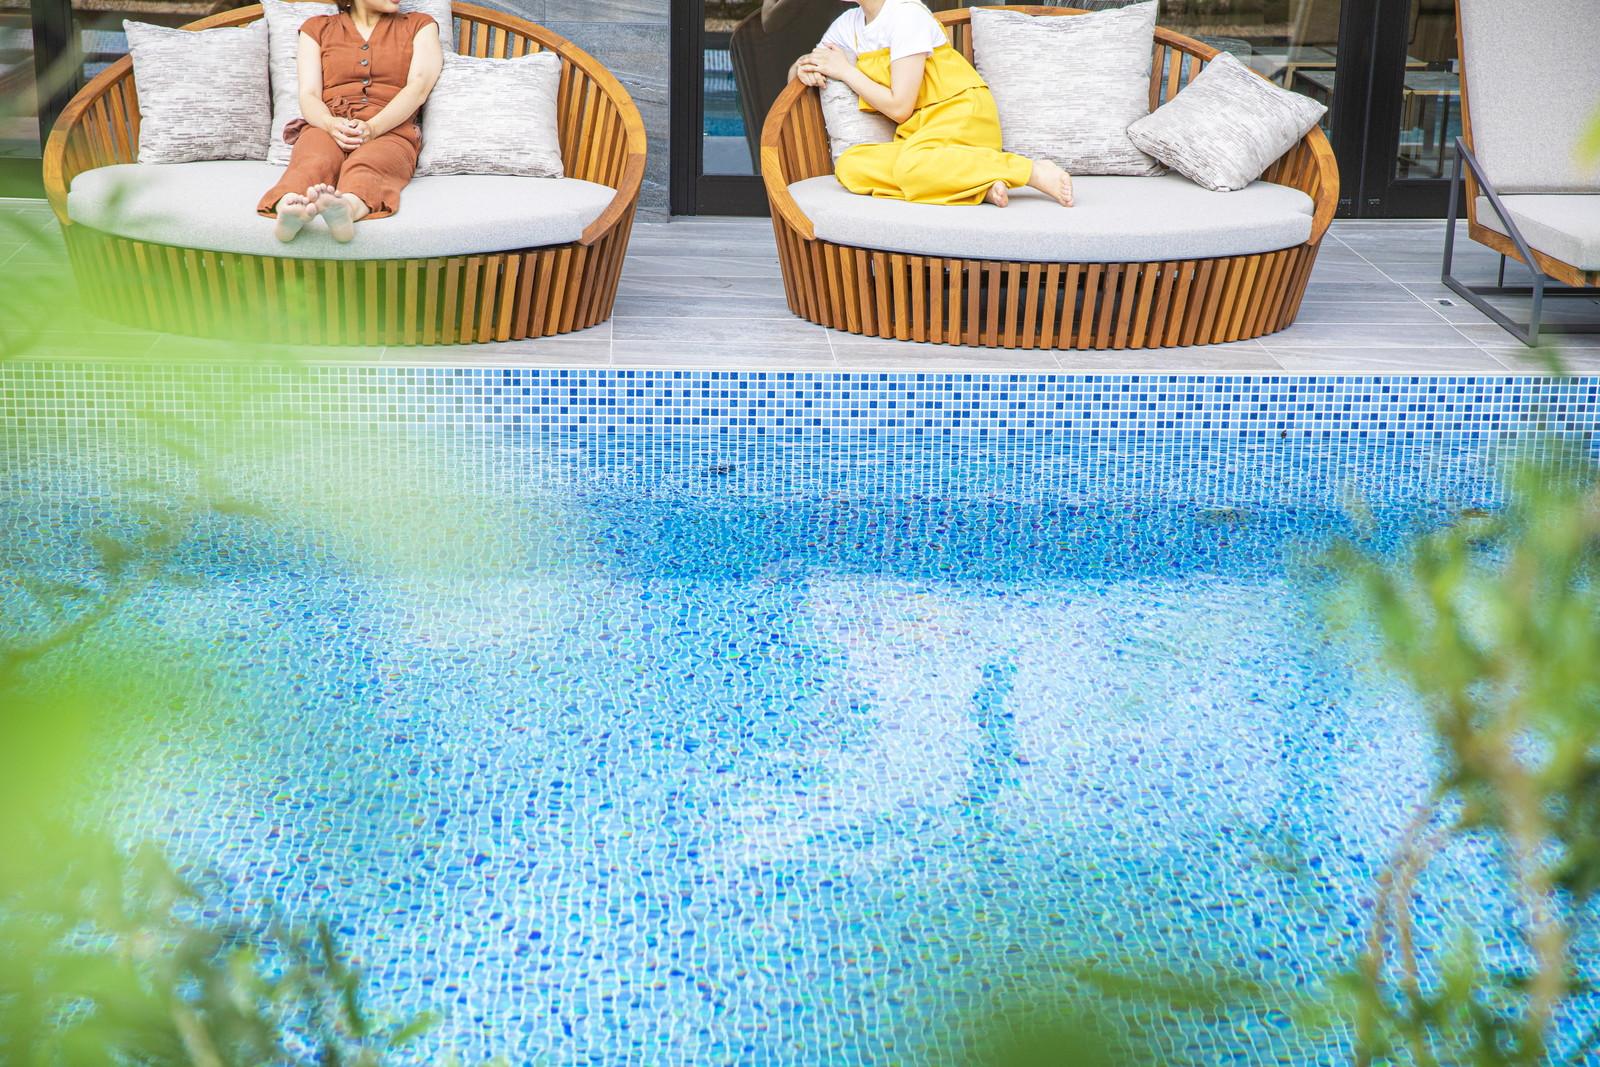 ガーデンテラス福岡ホテル&リゾート 新鮮な食材を独創的な創作鮨でご堪能「創作鮨(すし)コース」プラン(2食付)